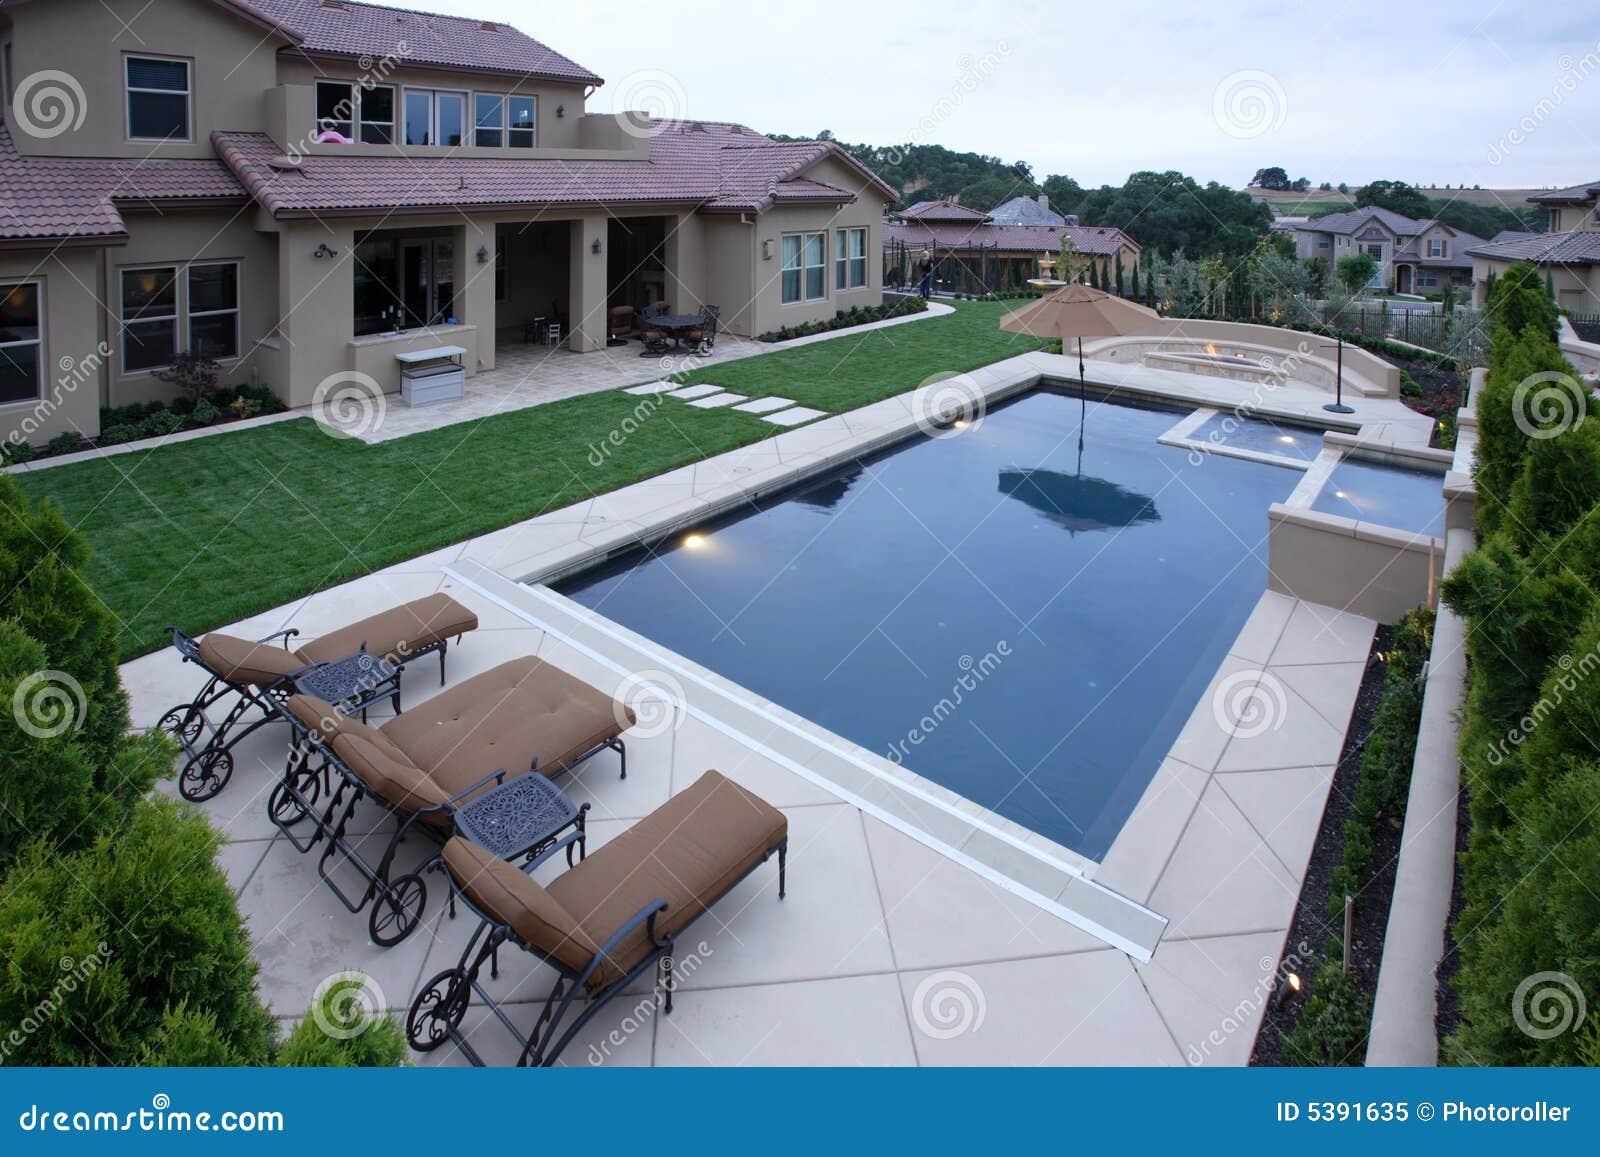 Luxus pool im garten wasserfall  Ein Pool Mit Einem Wasserfall In Einem Luxuxhinterhof Stockbild ...